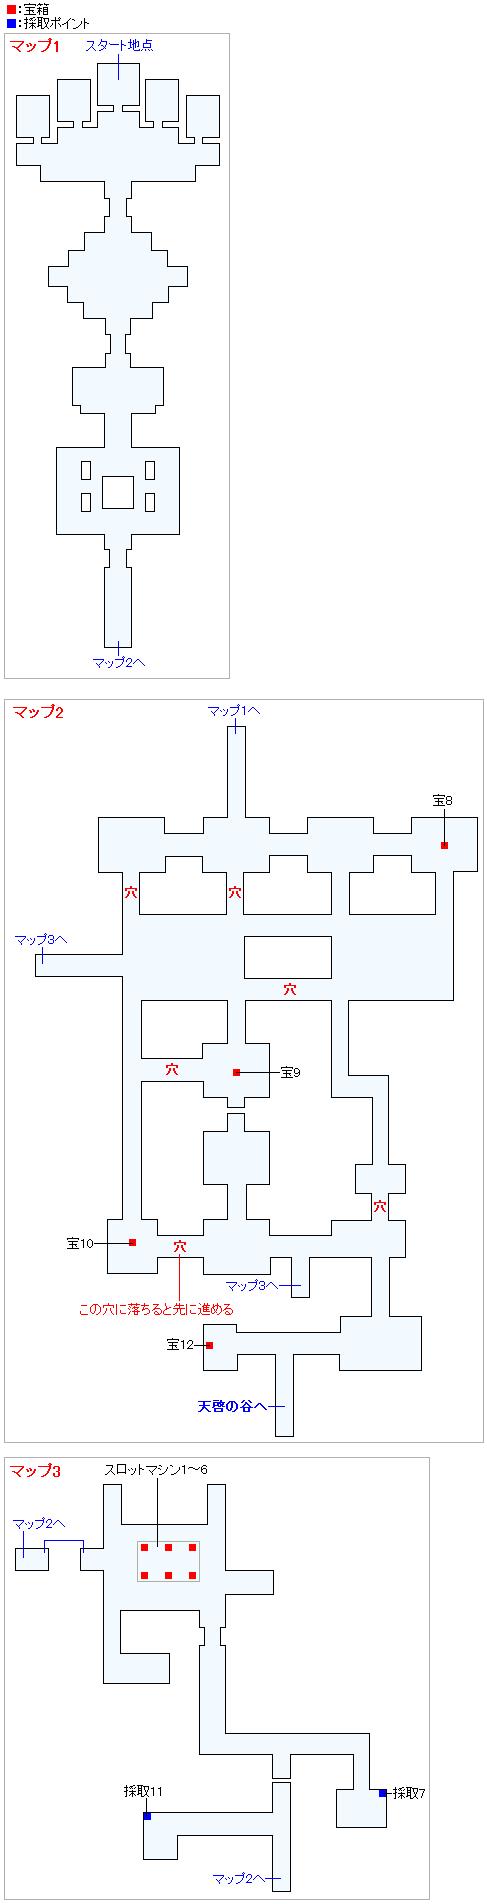 導師の試練・不屈の迷宮(ネルセンの迷宮)(Swith2Dと3DS2D)のマップ画像